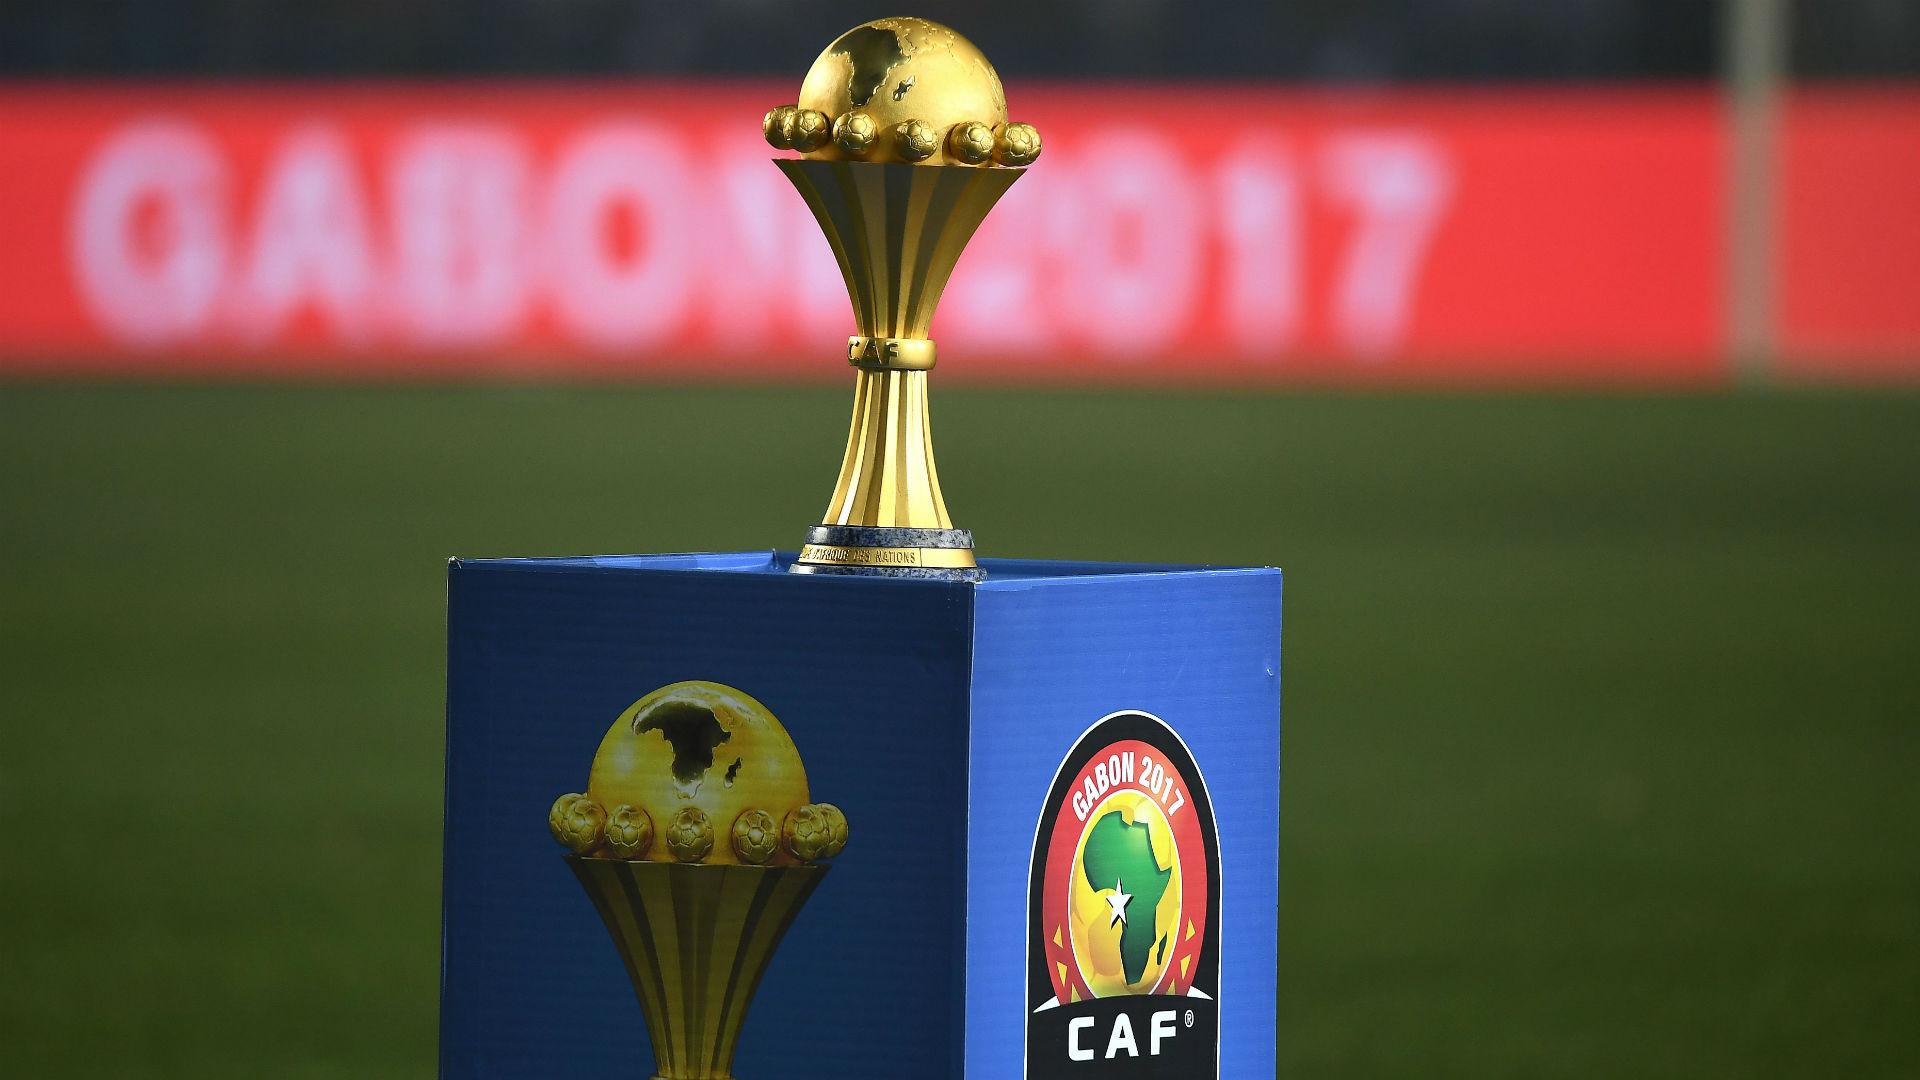 أسعار تذاكر المباريات لا تناسب دخل المصريين